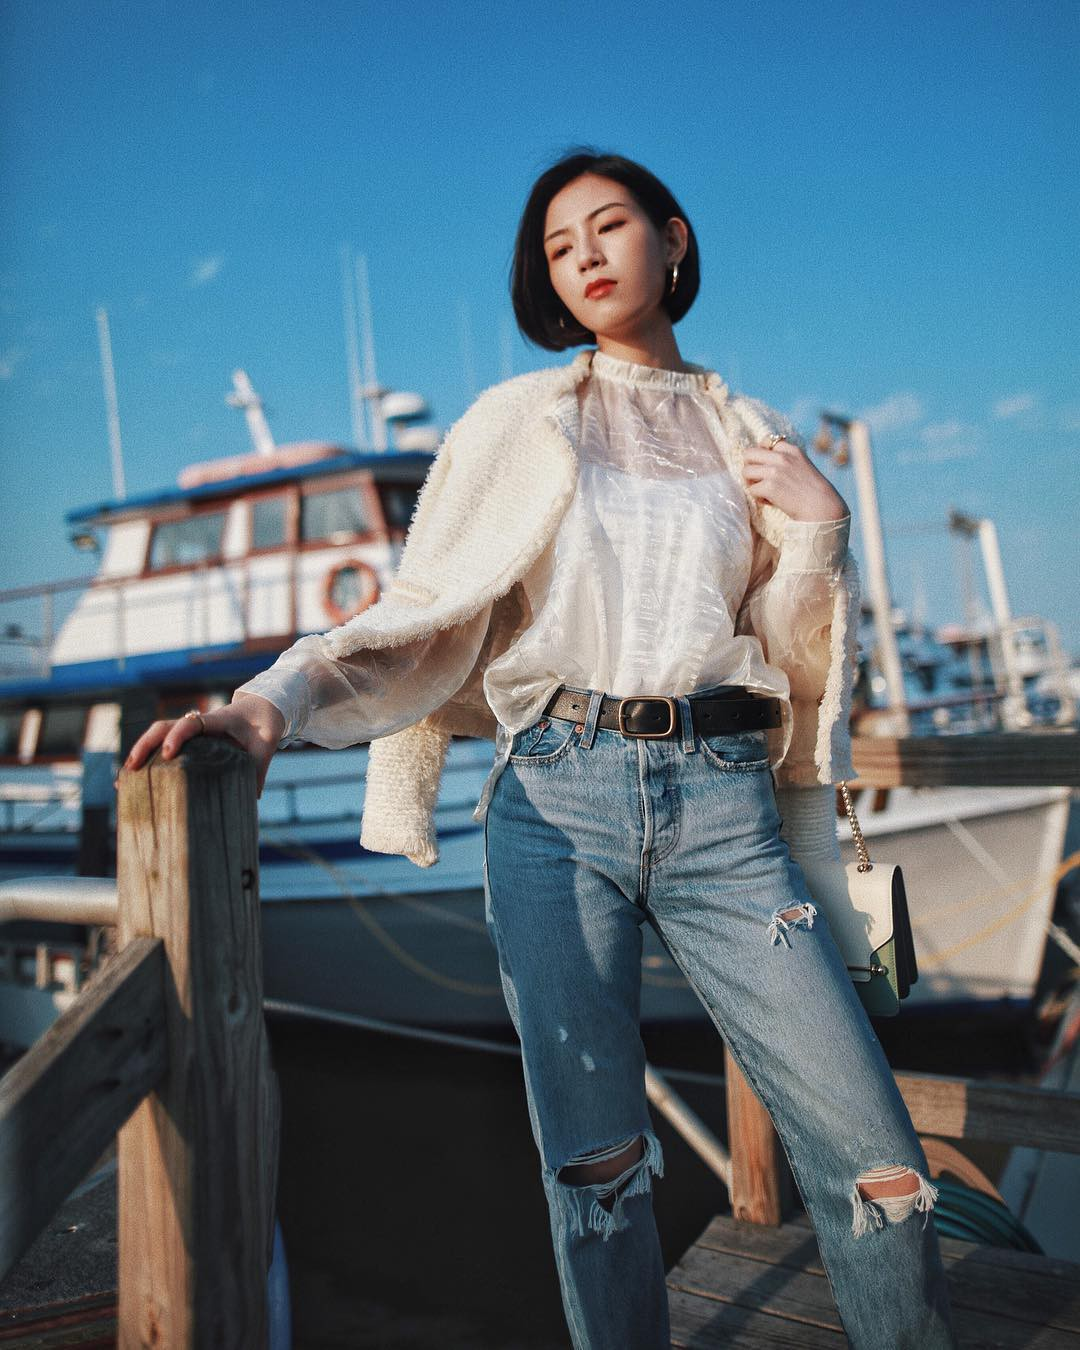 3 lỗi diện quần jeans không khiến cặp chân ngắn hơn thì cũng dễ đưa bạn vào tình huống kém duyên, nhạy cảm 10